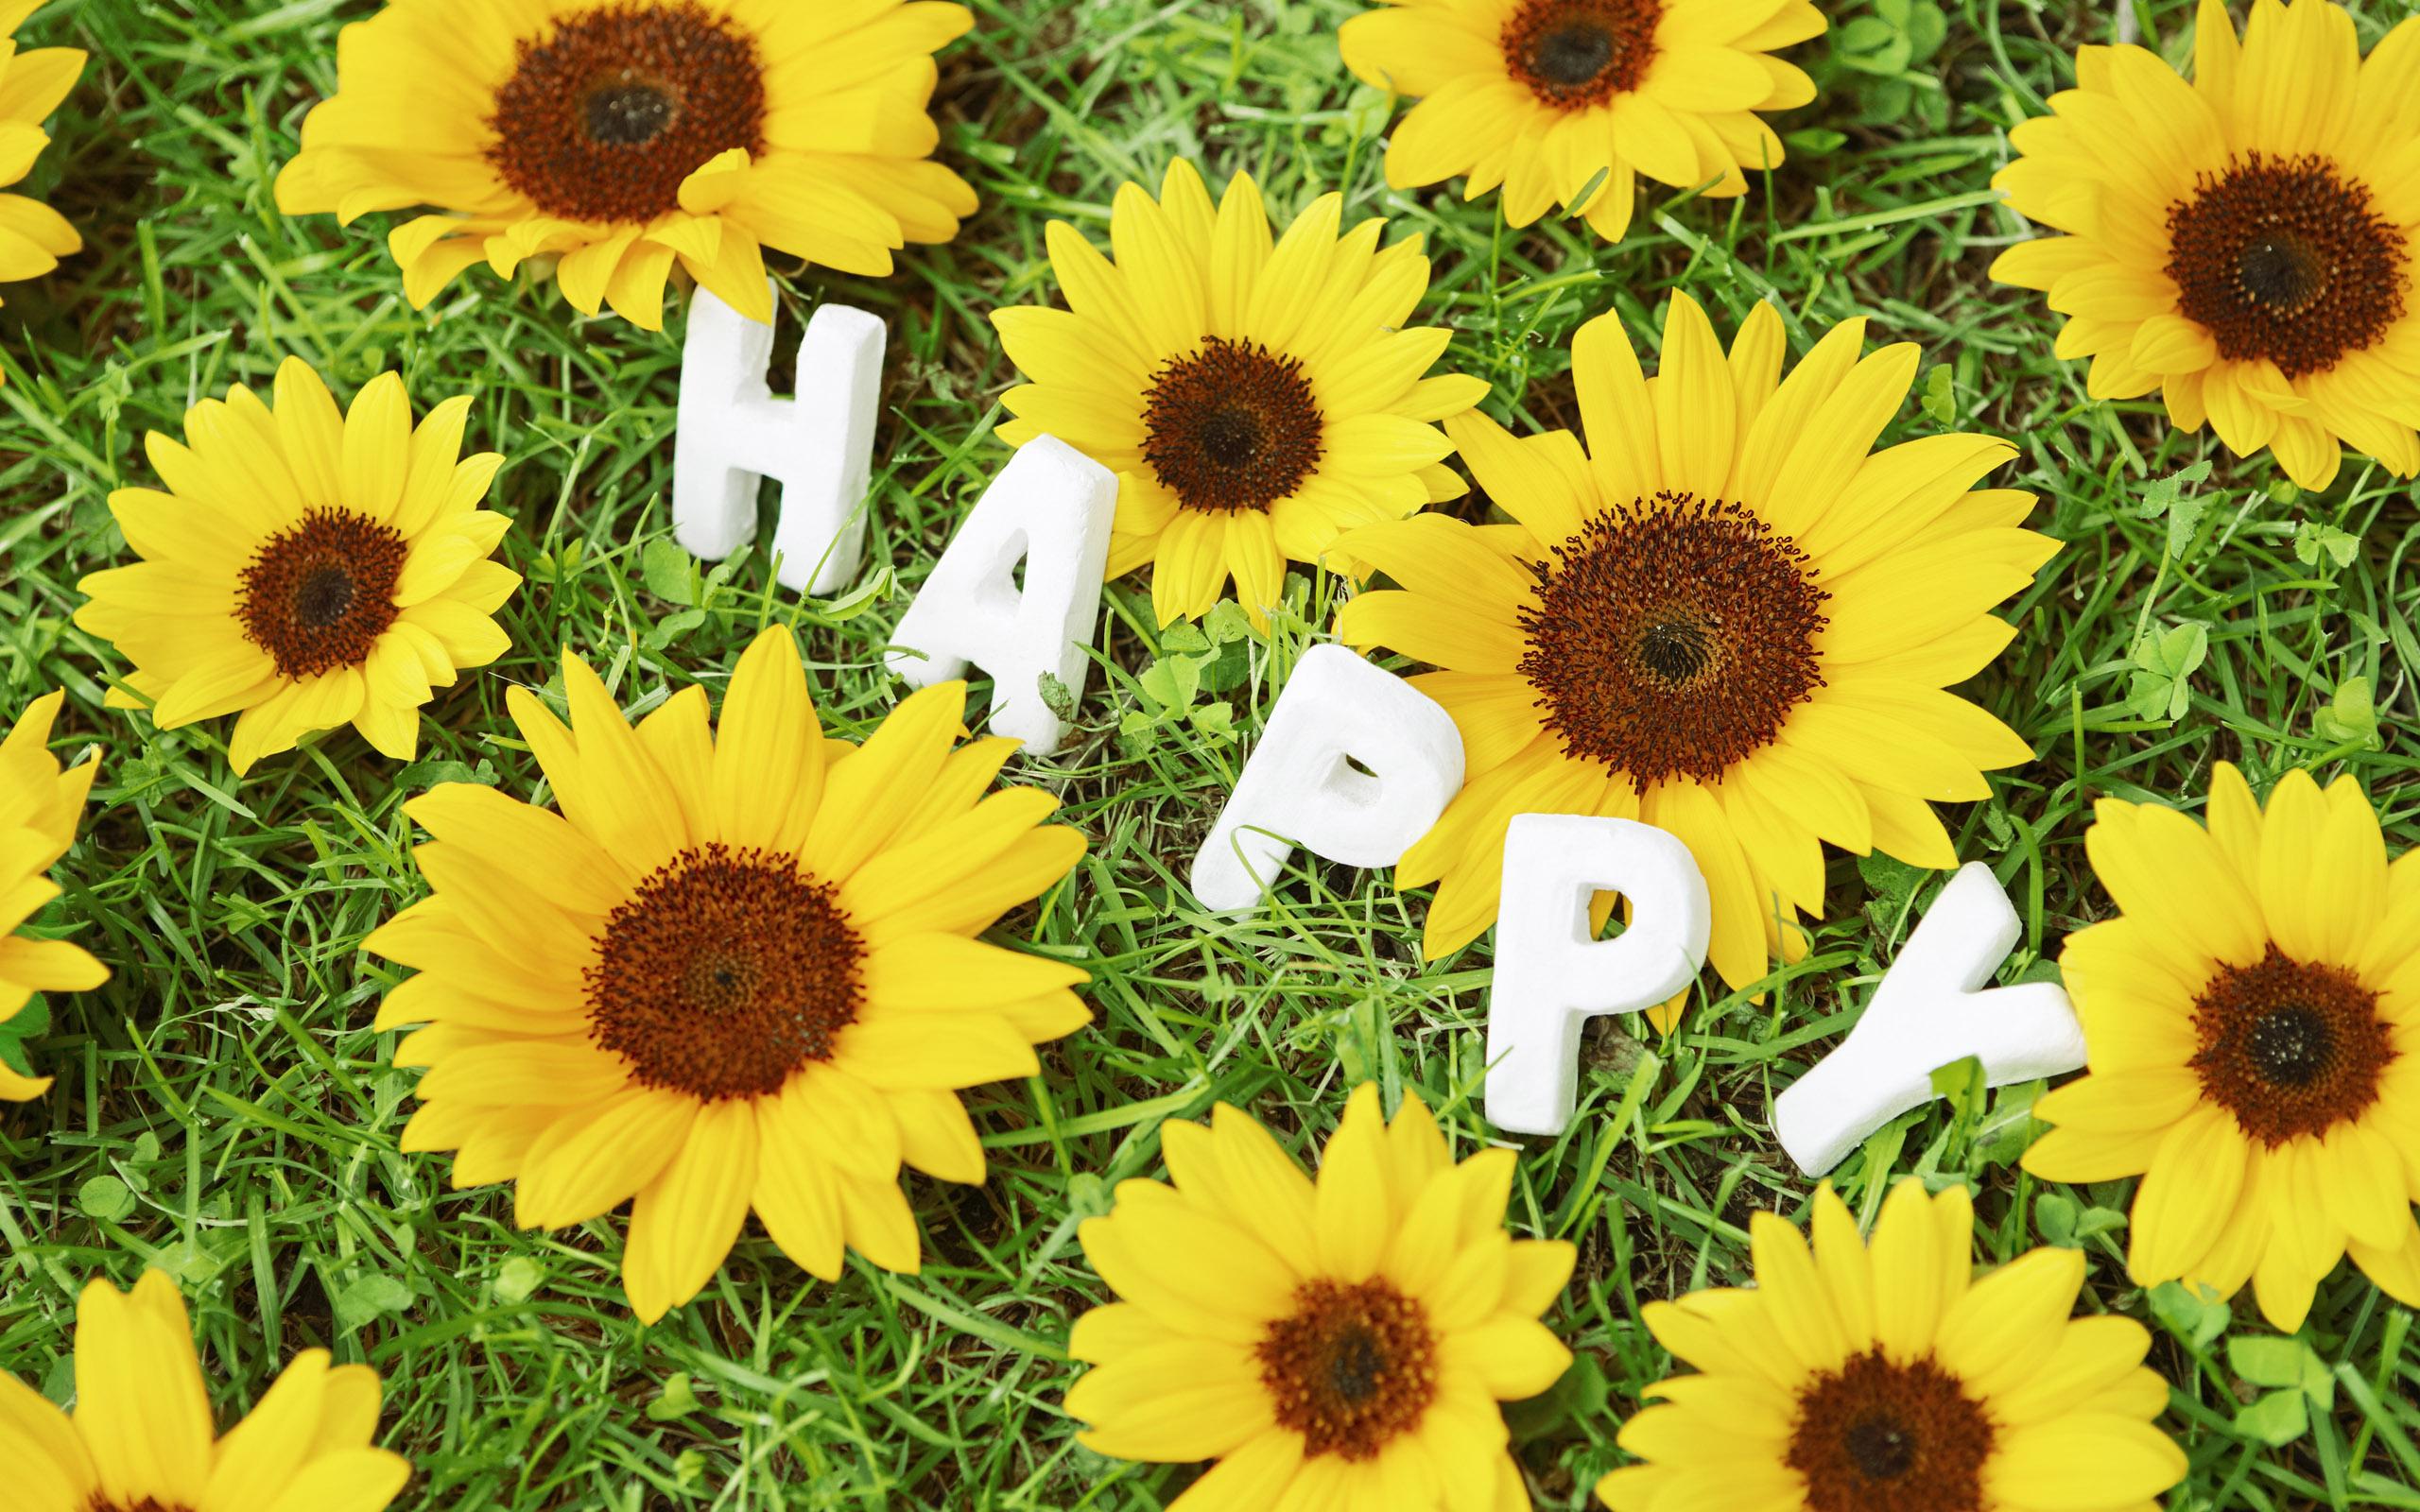 Поздравление с Днем рождения - С Днем Рождения поздравительные картинки